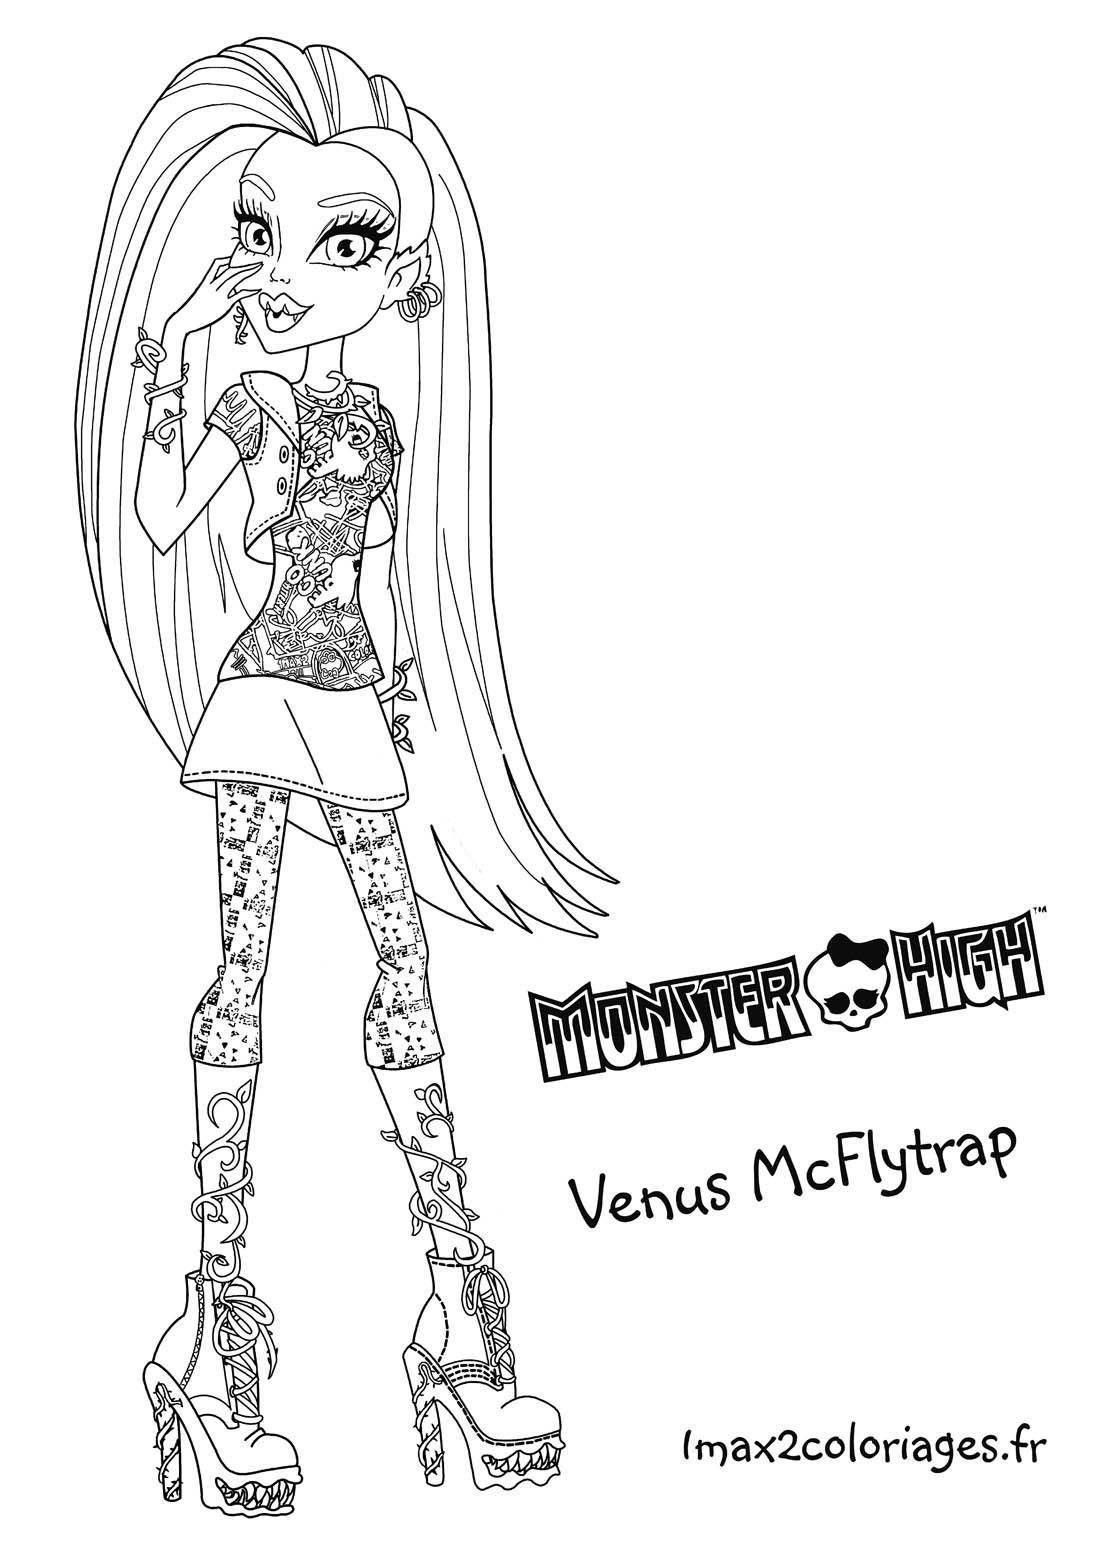 Coloriage Venus Mcflytrap Grande Image | Coloriage, Dessin intérieur Dessin A Colorier En Ligne De Monster High